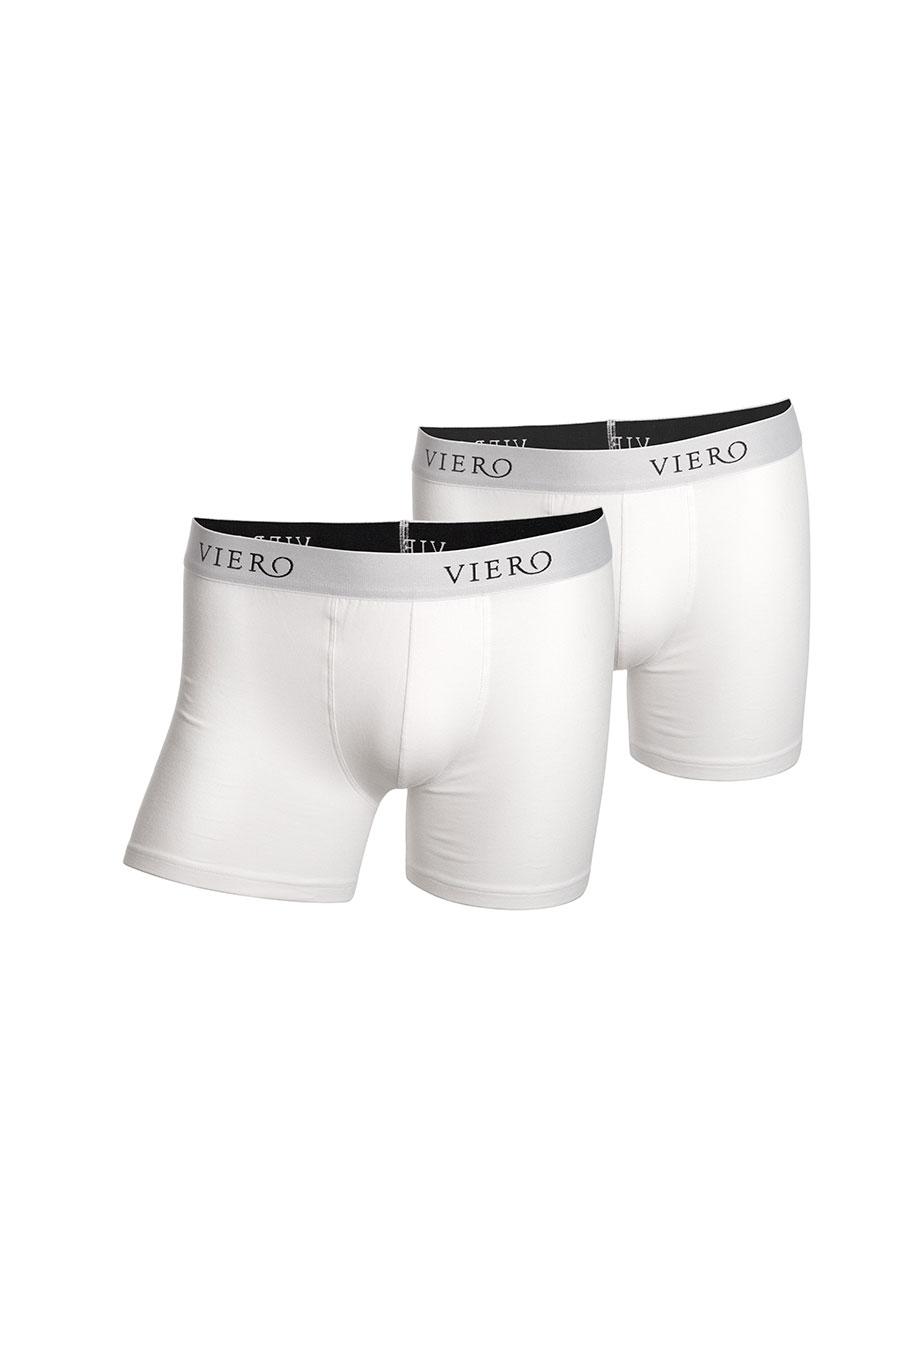 Boxershorts i pima cotton fra Viero Milano